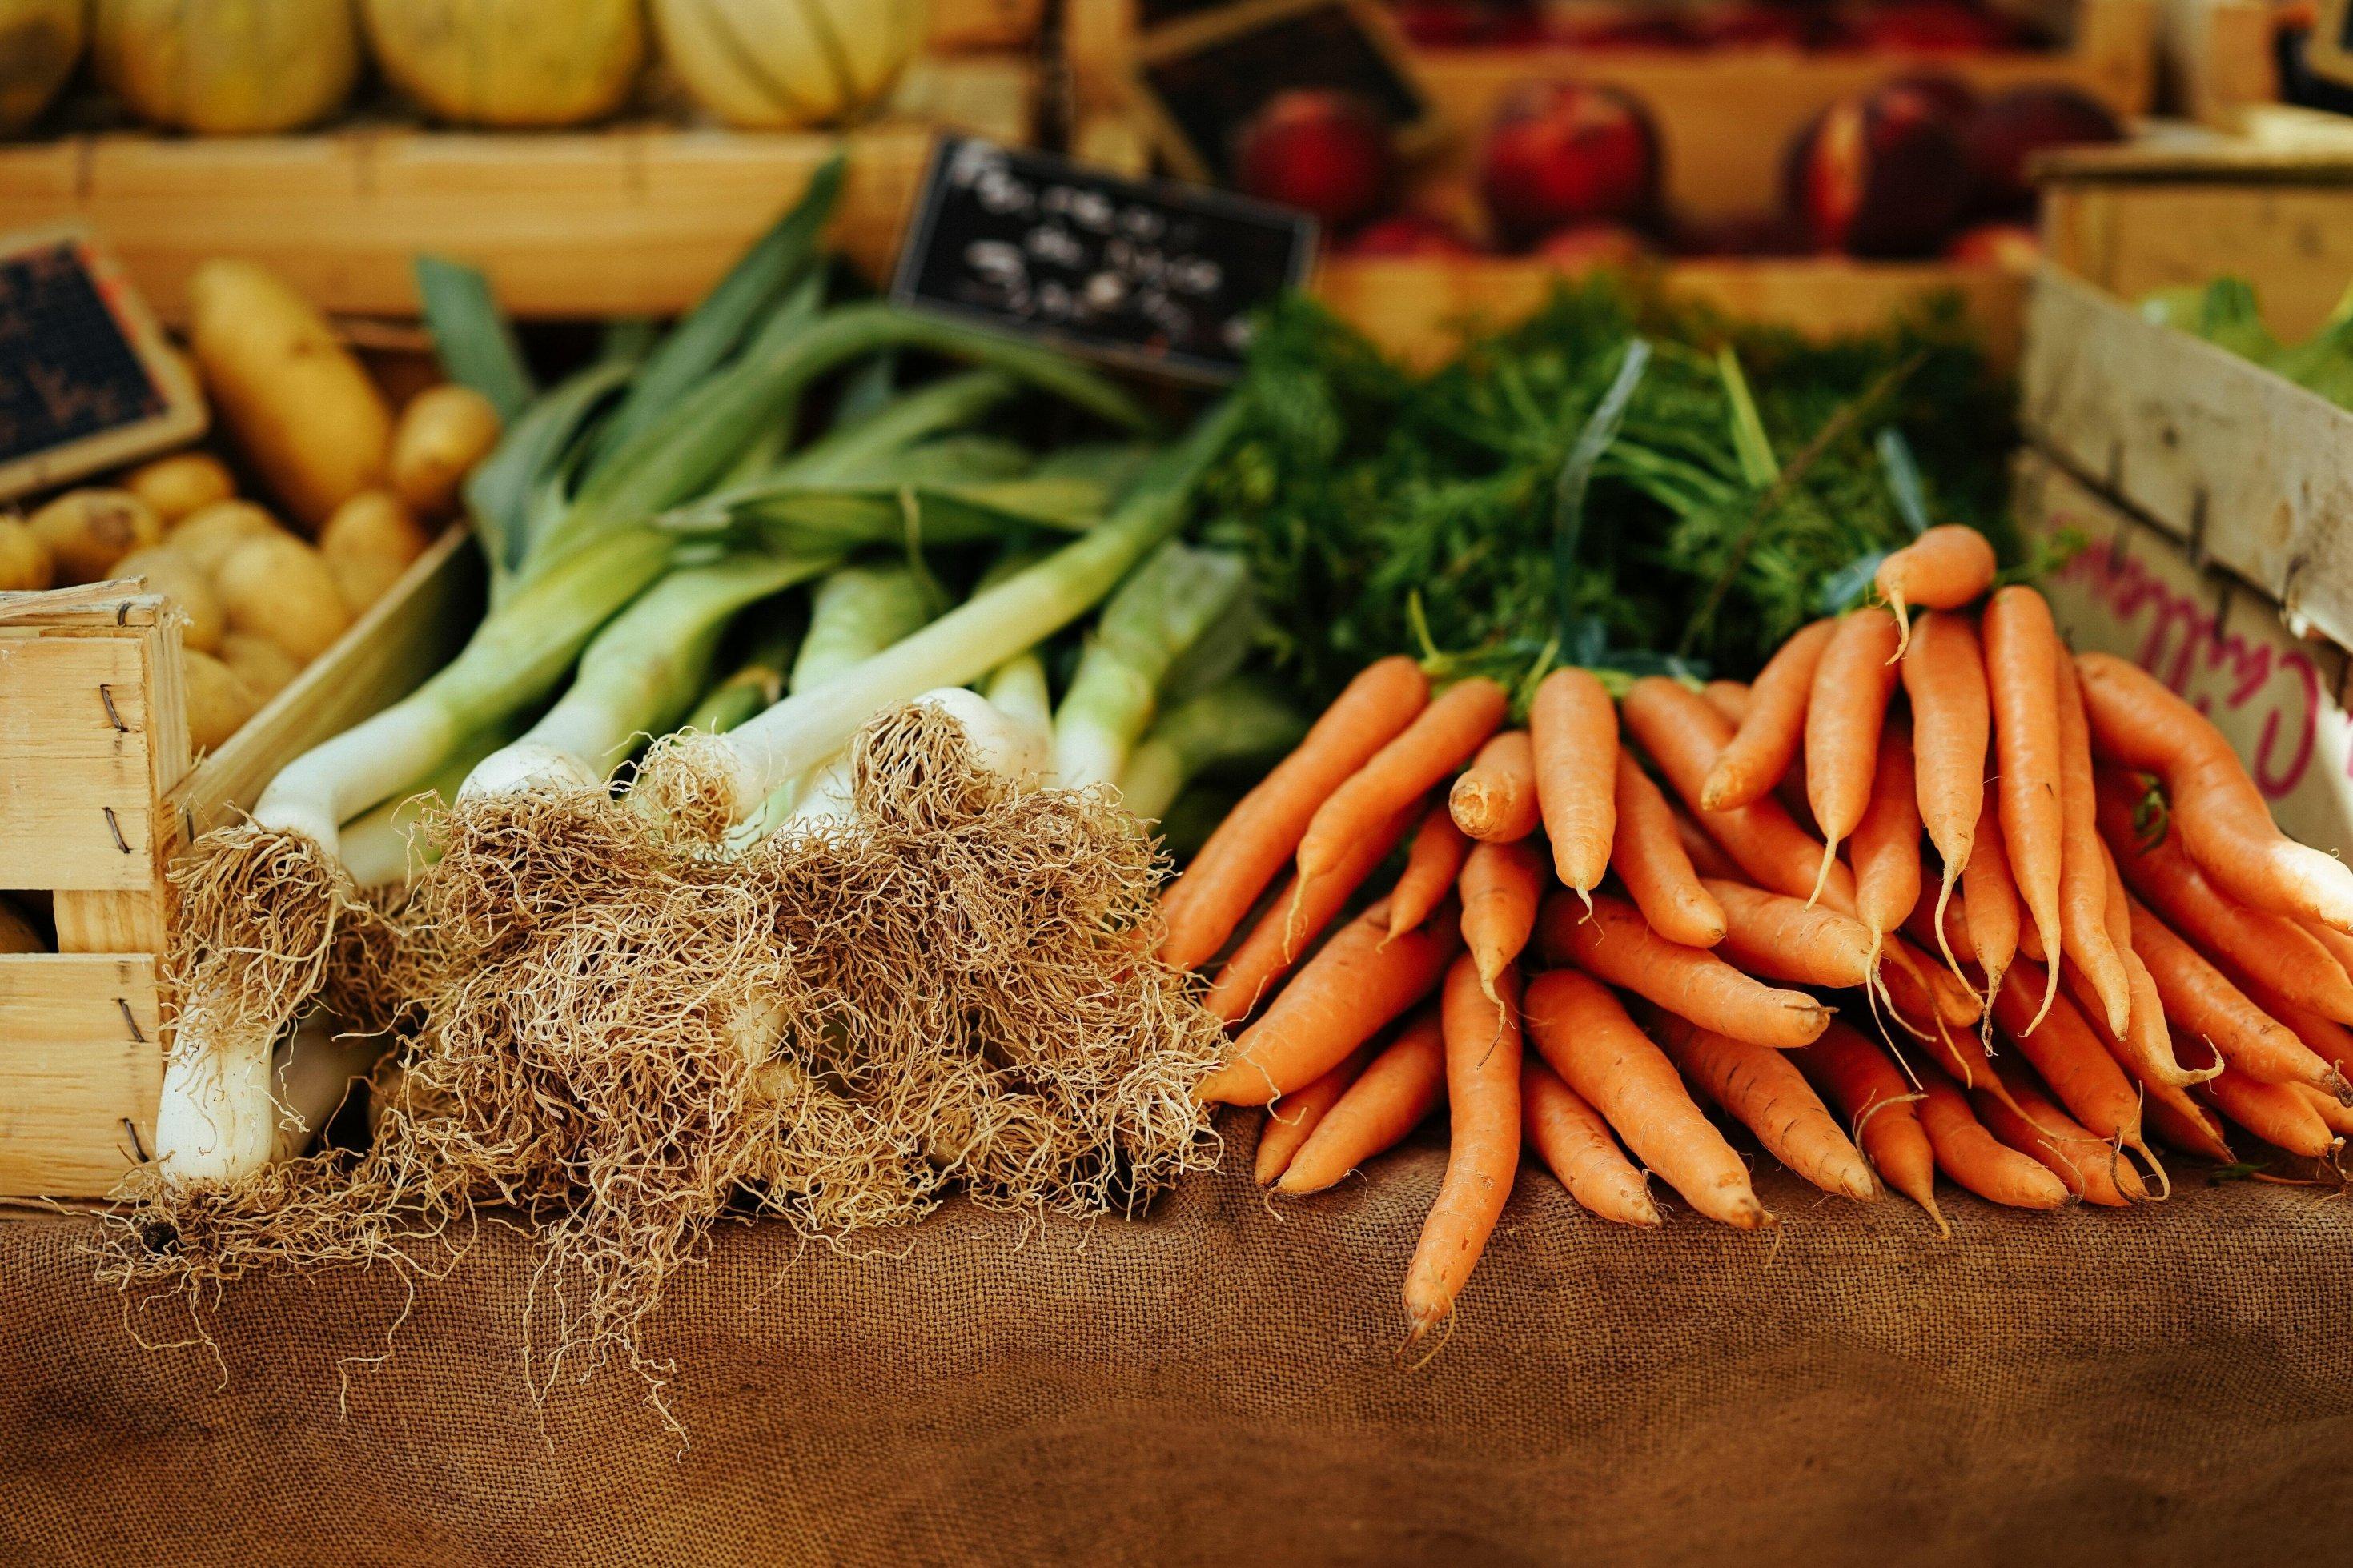 Lauch und Karotten liegen auf einem Wochenmarkt aus. Sogenannte alte Obst- oder Gemüsesorten haben viele gesundheitliche Vorteile verglichen mit konventionellen Züchtungen.